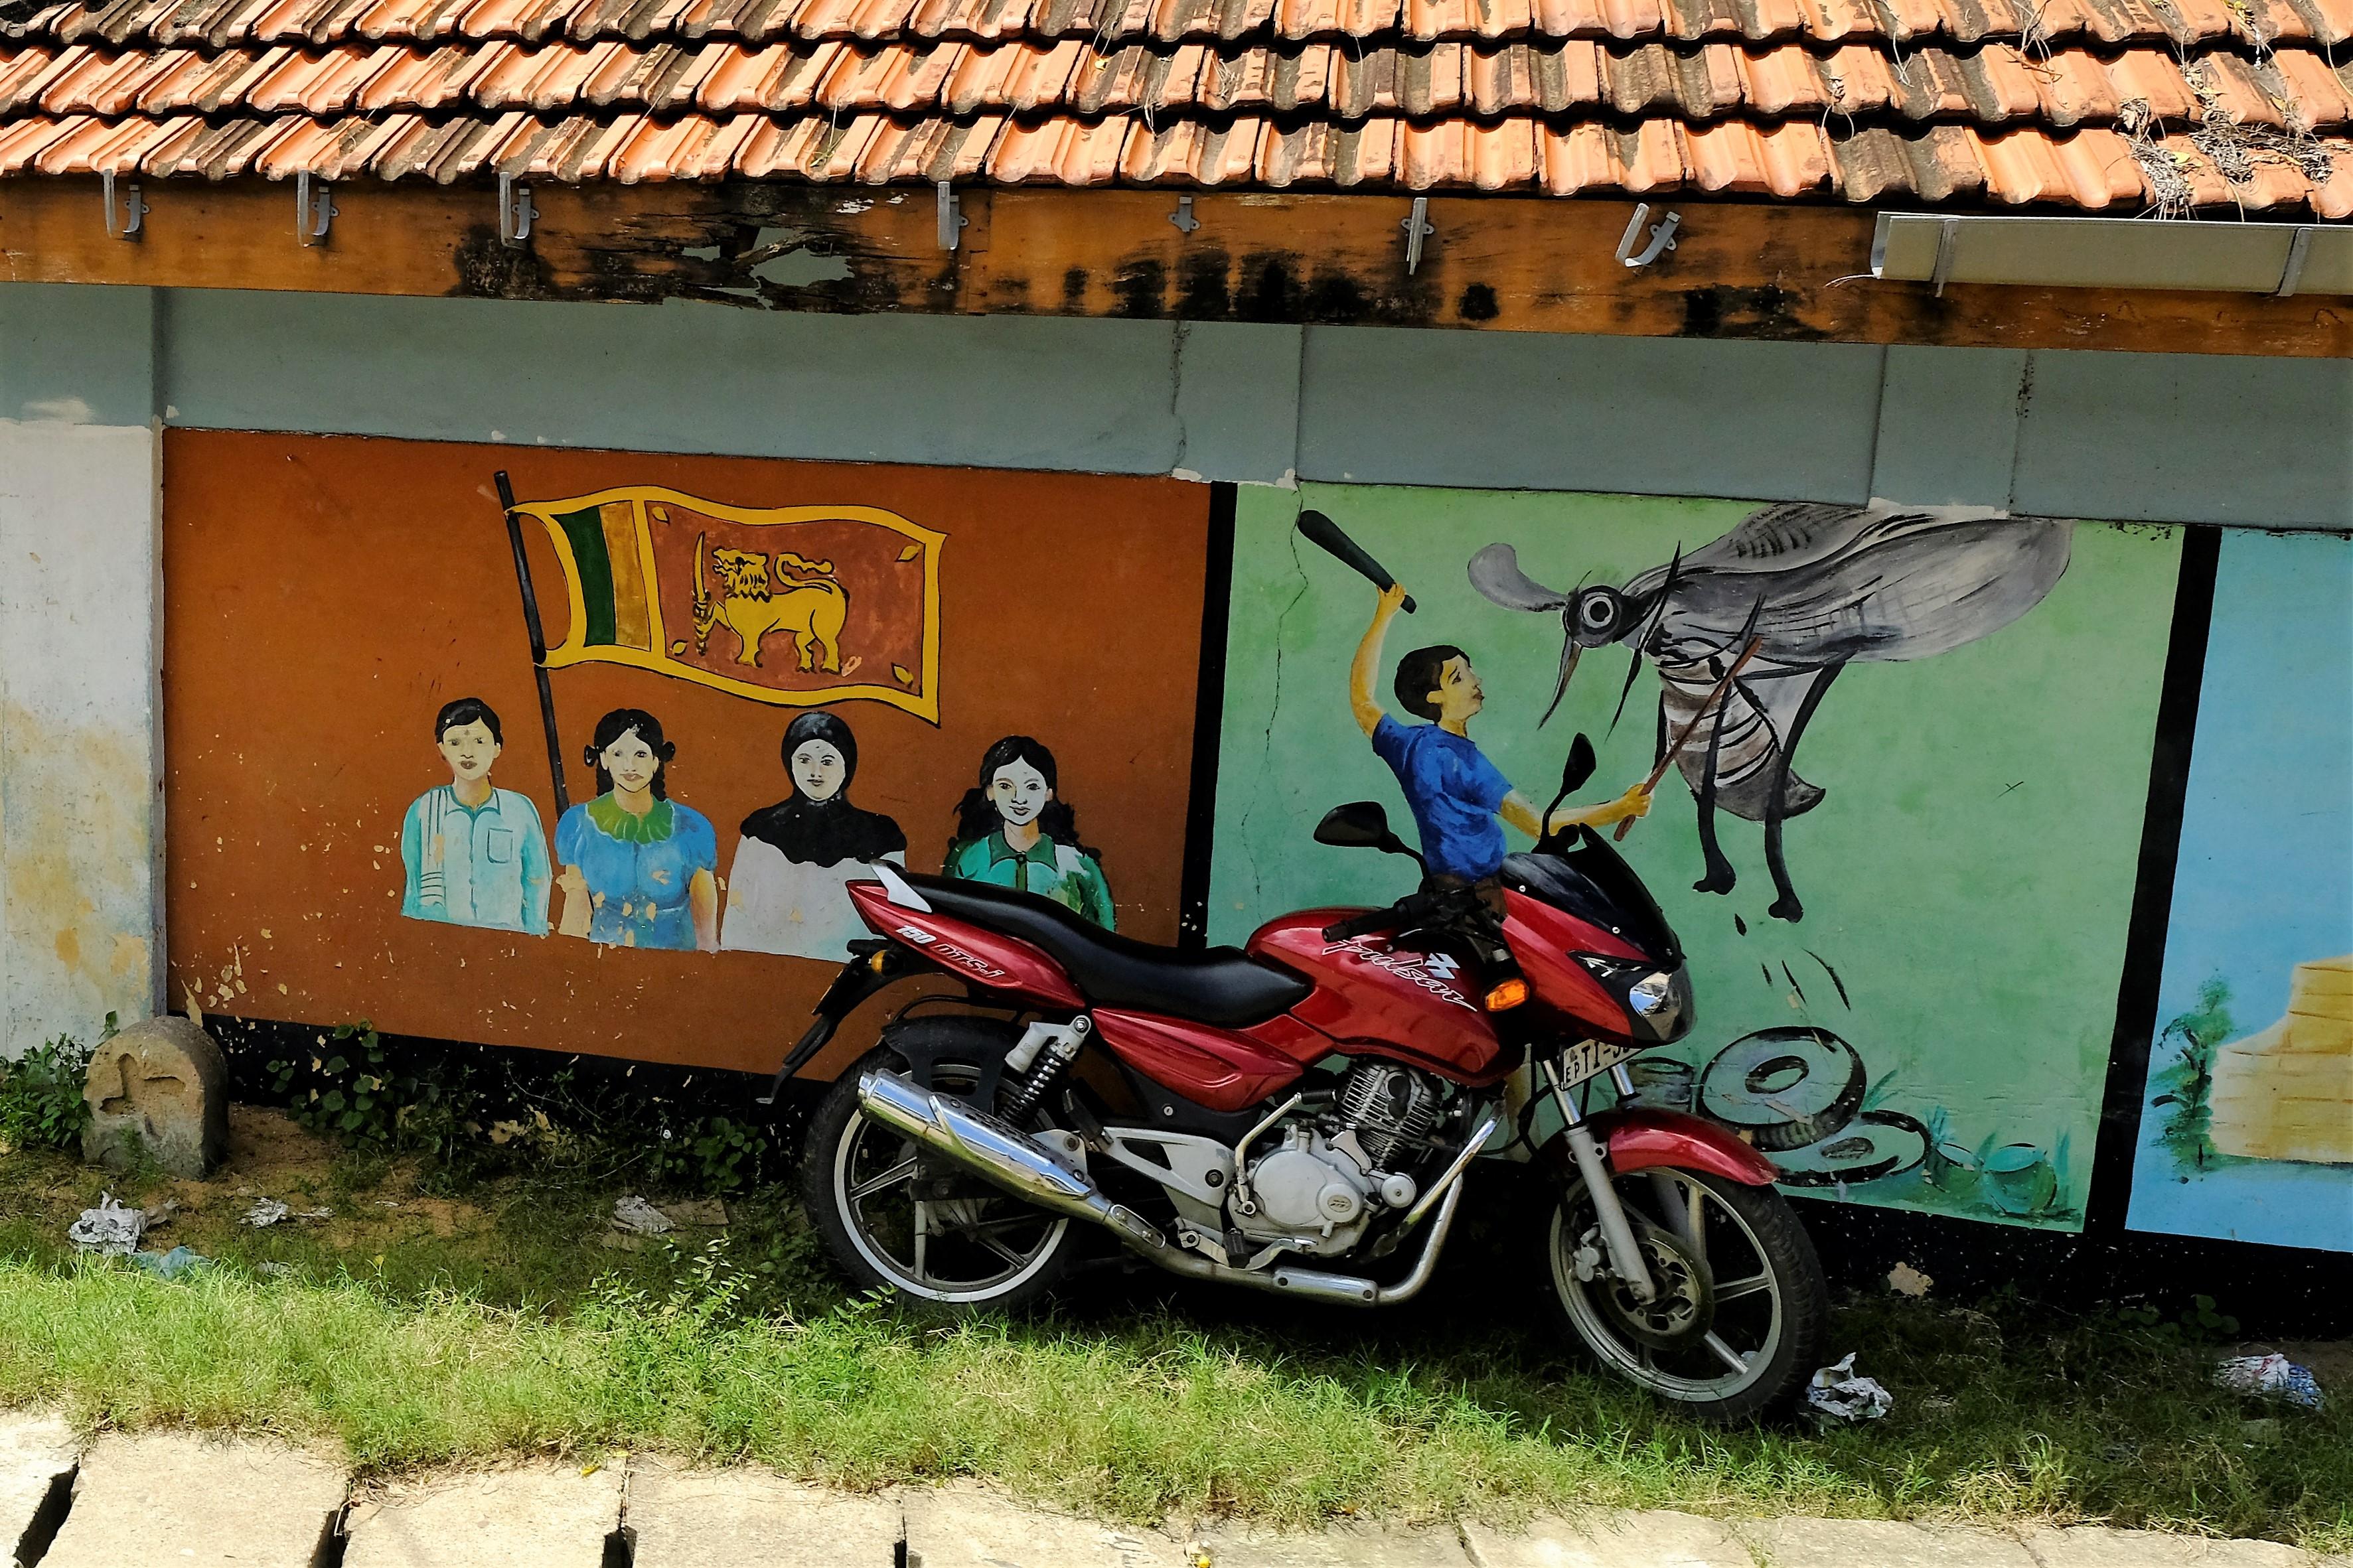 Pedagogiska målningar om samförstånd mellan folkgrupper och kamp mot sjukdomsbärande myggor. Samt en lämplig plats i skuggan att ställa motorcykeln. Foto: Johan Mikaelsson